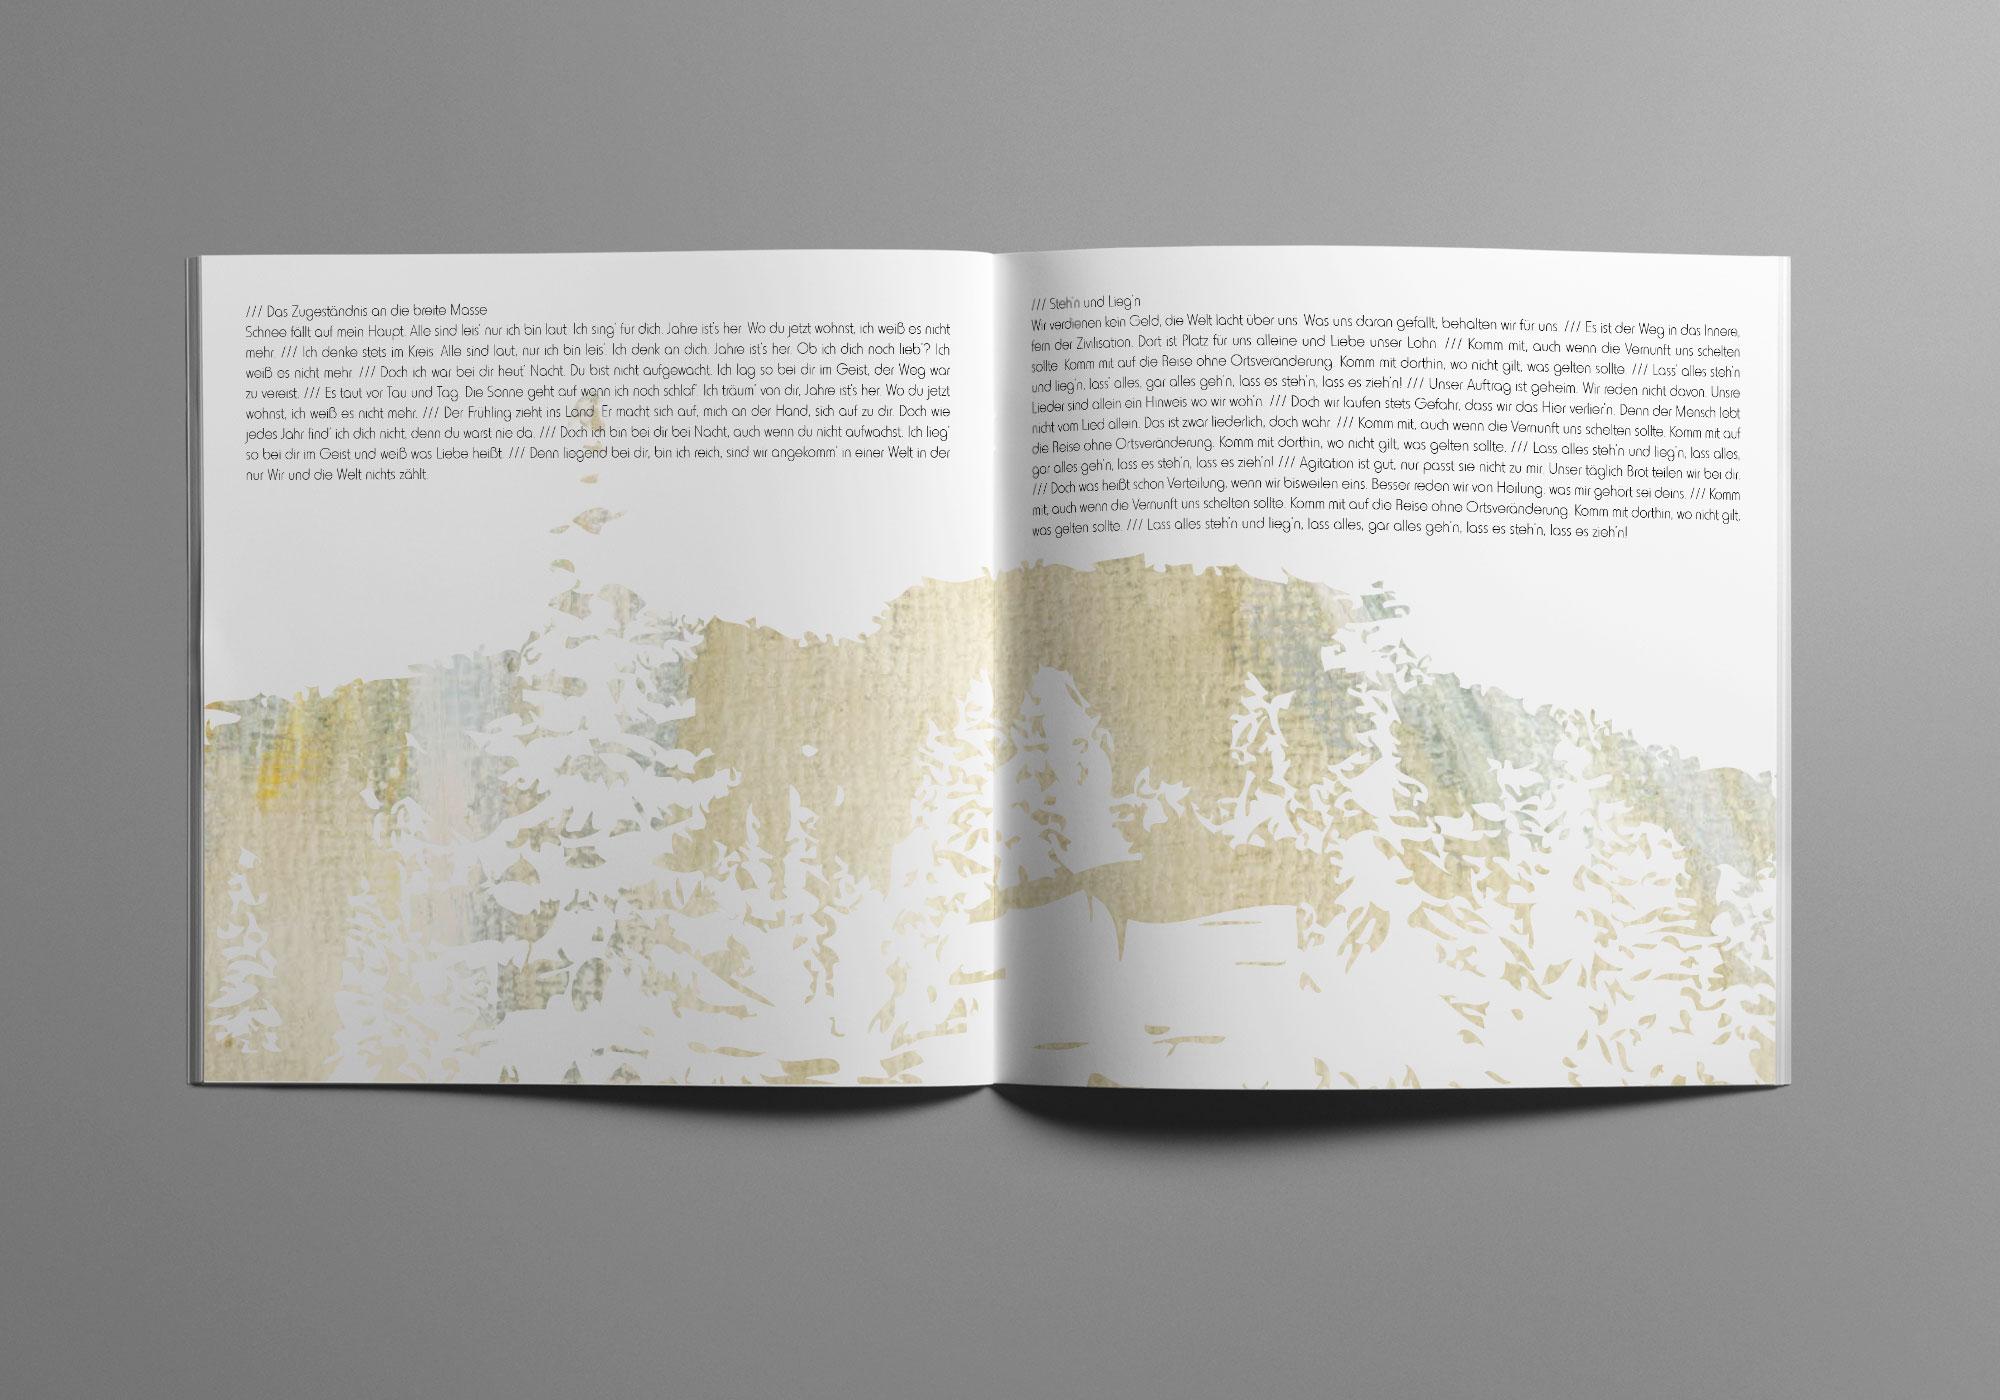 Die Doppelseite des Album Artworks zeigt eine Waldszene in hellen, zurückhaltenden Farben.